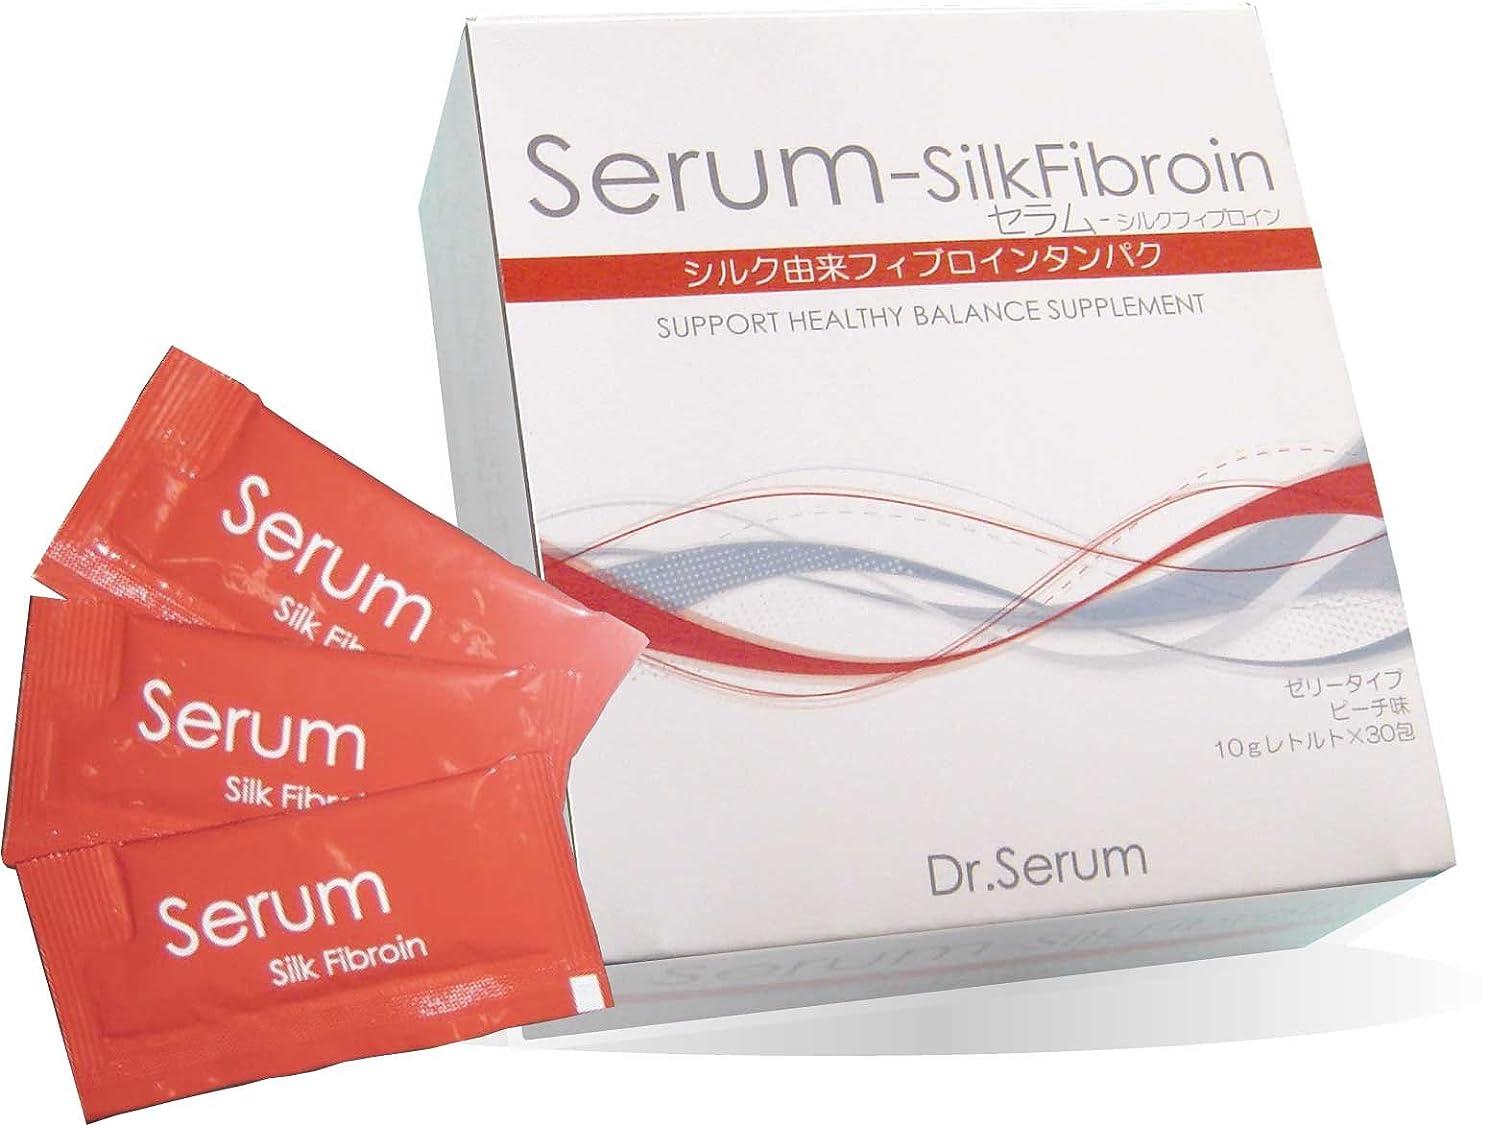 毒男やもめ地元【Silk Fibroin】セラム-シルクフィブロイン 10g×30包×3箱セット 特許取得の食べるシルクダイエット